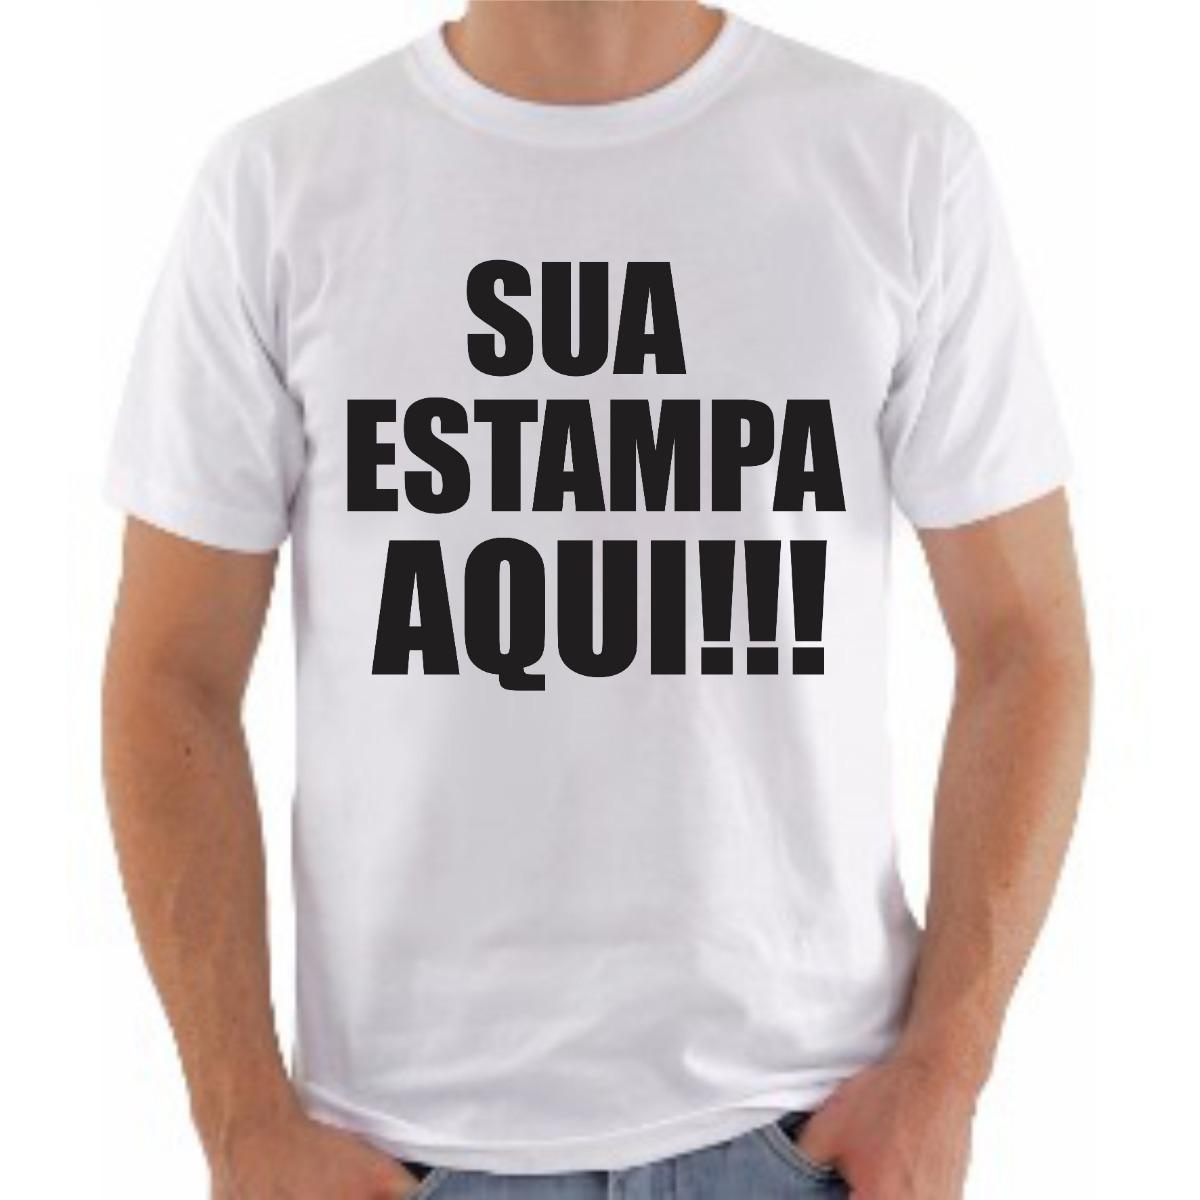 c051f60ae5 camiseta personalizada com sua estampa foto imagem promocao. Carregando zoom .